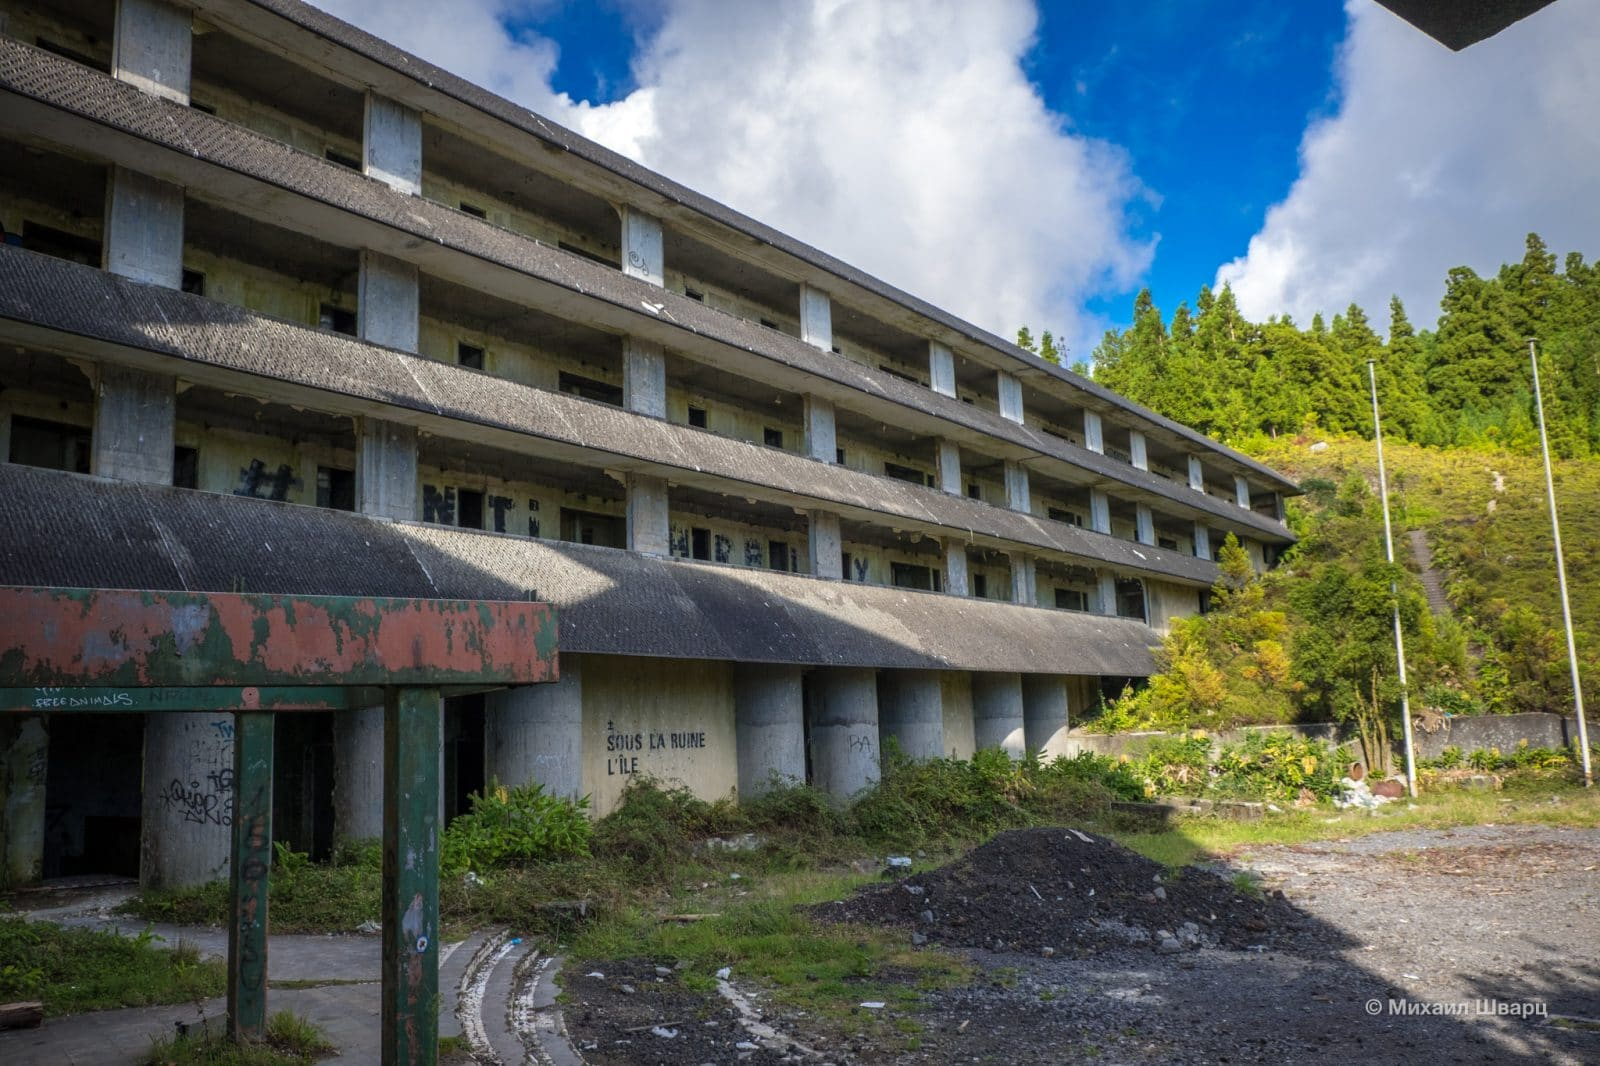 Отель по-прежнему приветствует туристов